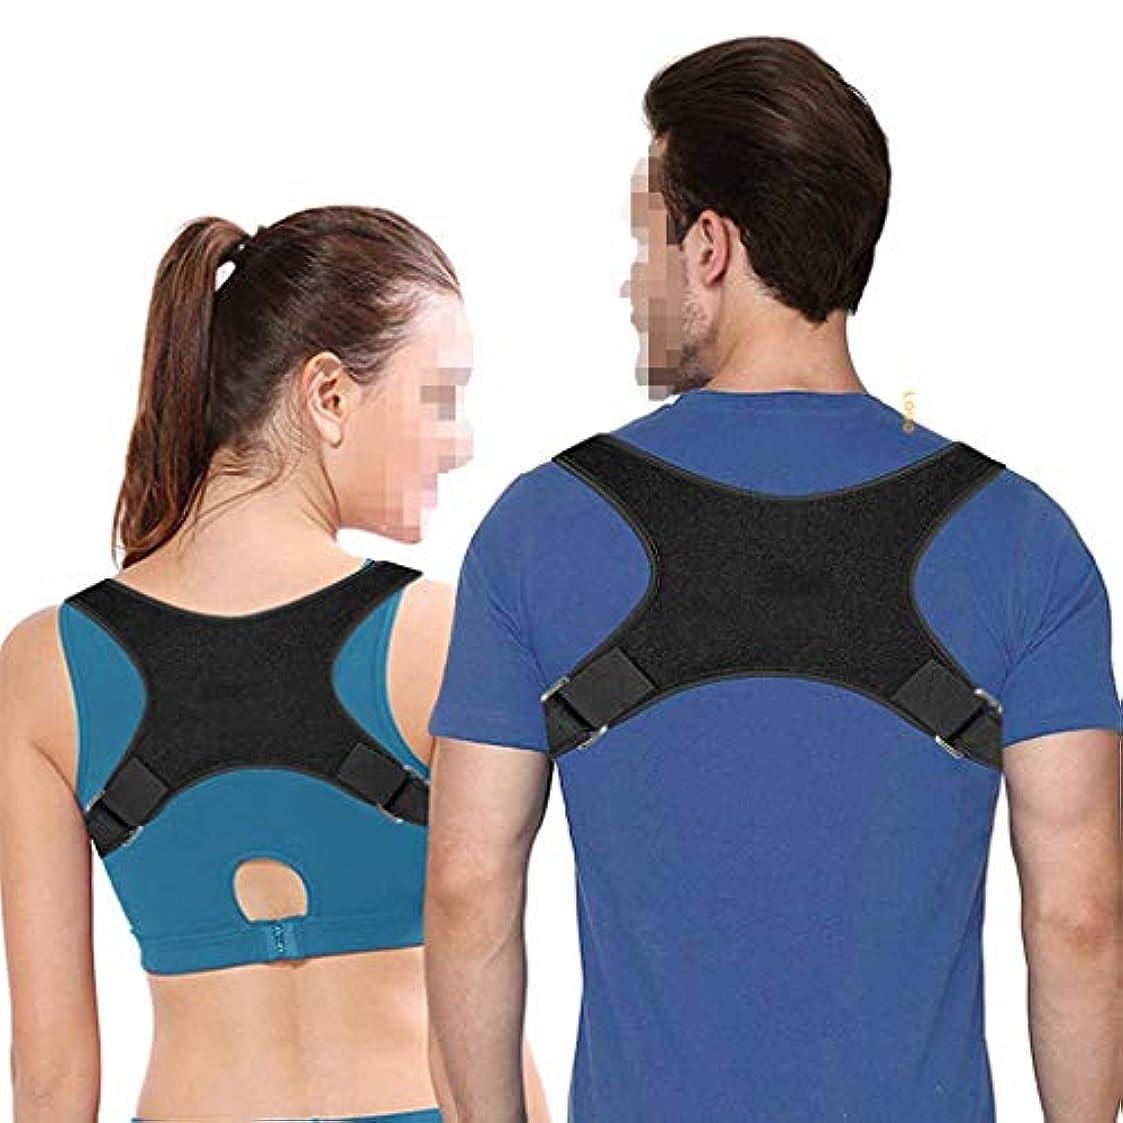 お酒レプリカ前部背部サポート姿勢補正器 - 男性や女性のハングバック背部姿勢補正器に適しています(ワンサイズはすべてにフィット)